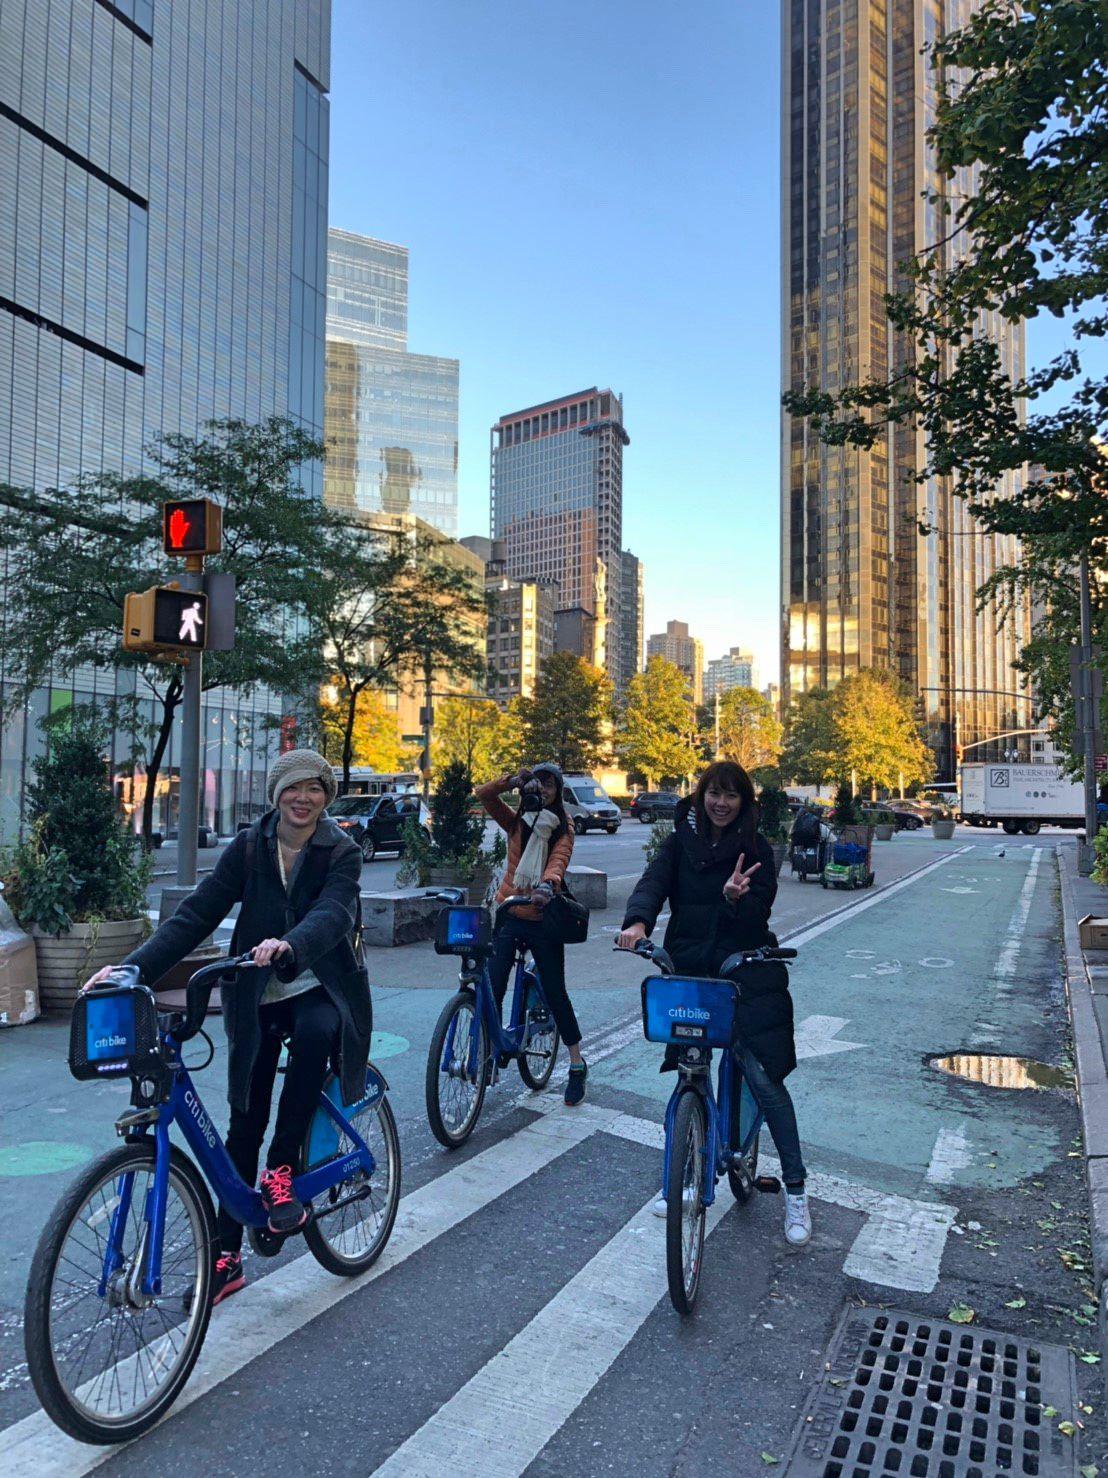 【紐約】Citi Bike租借,單車漫遊曼哈頓,NY City的在地體驗